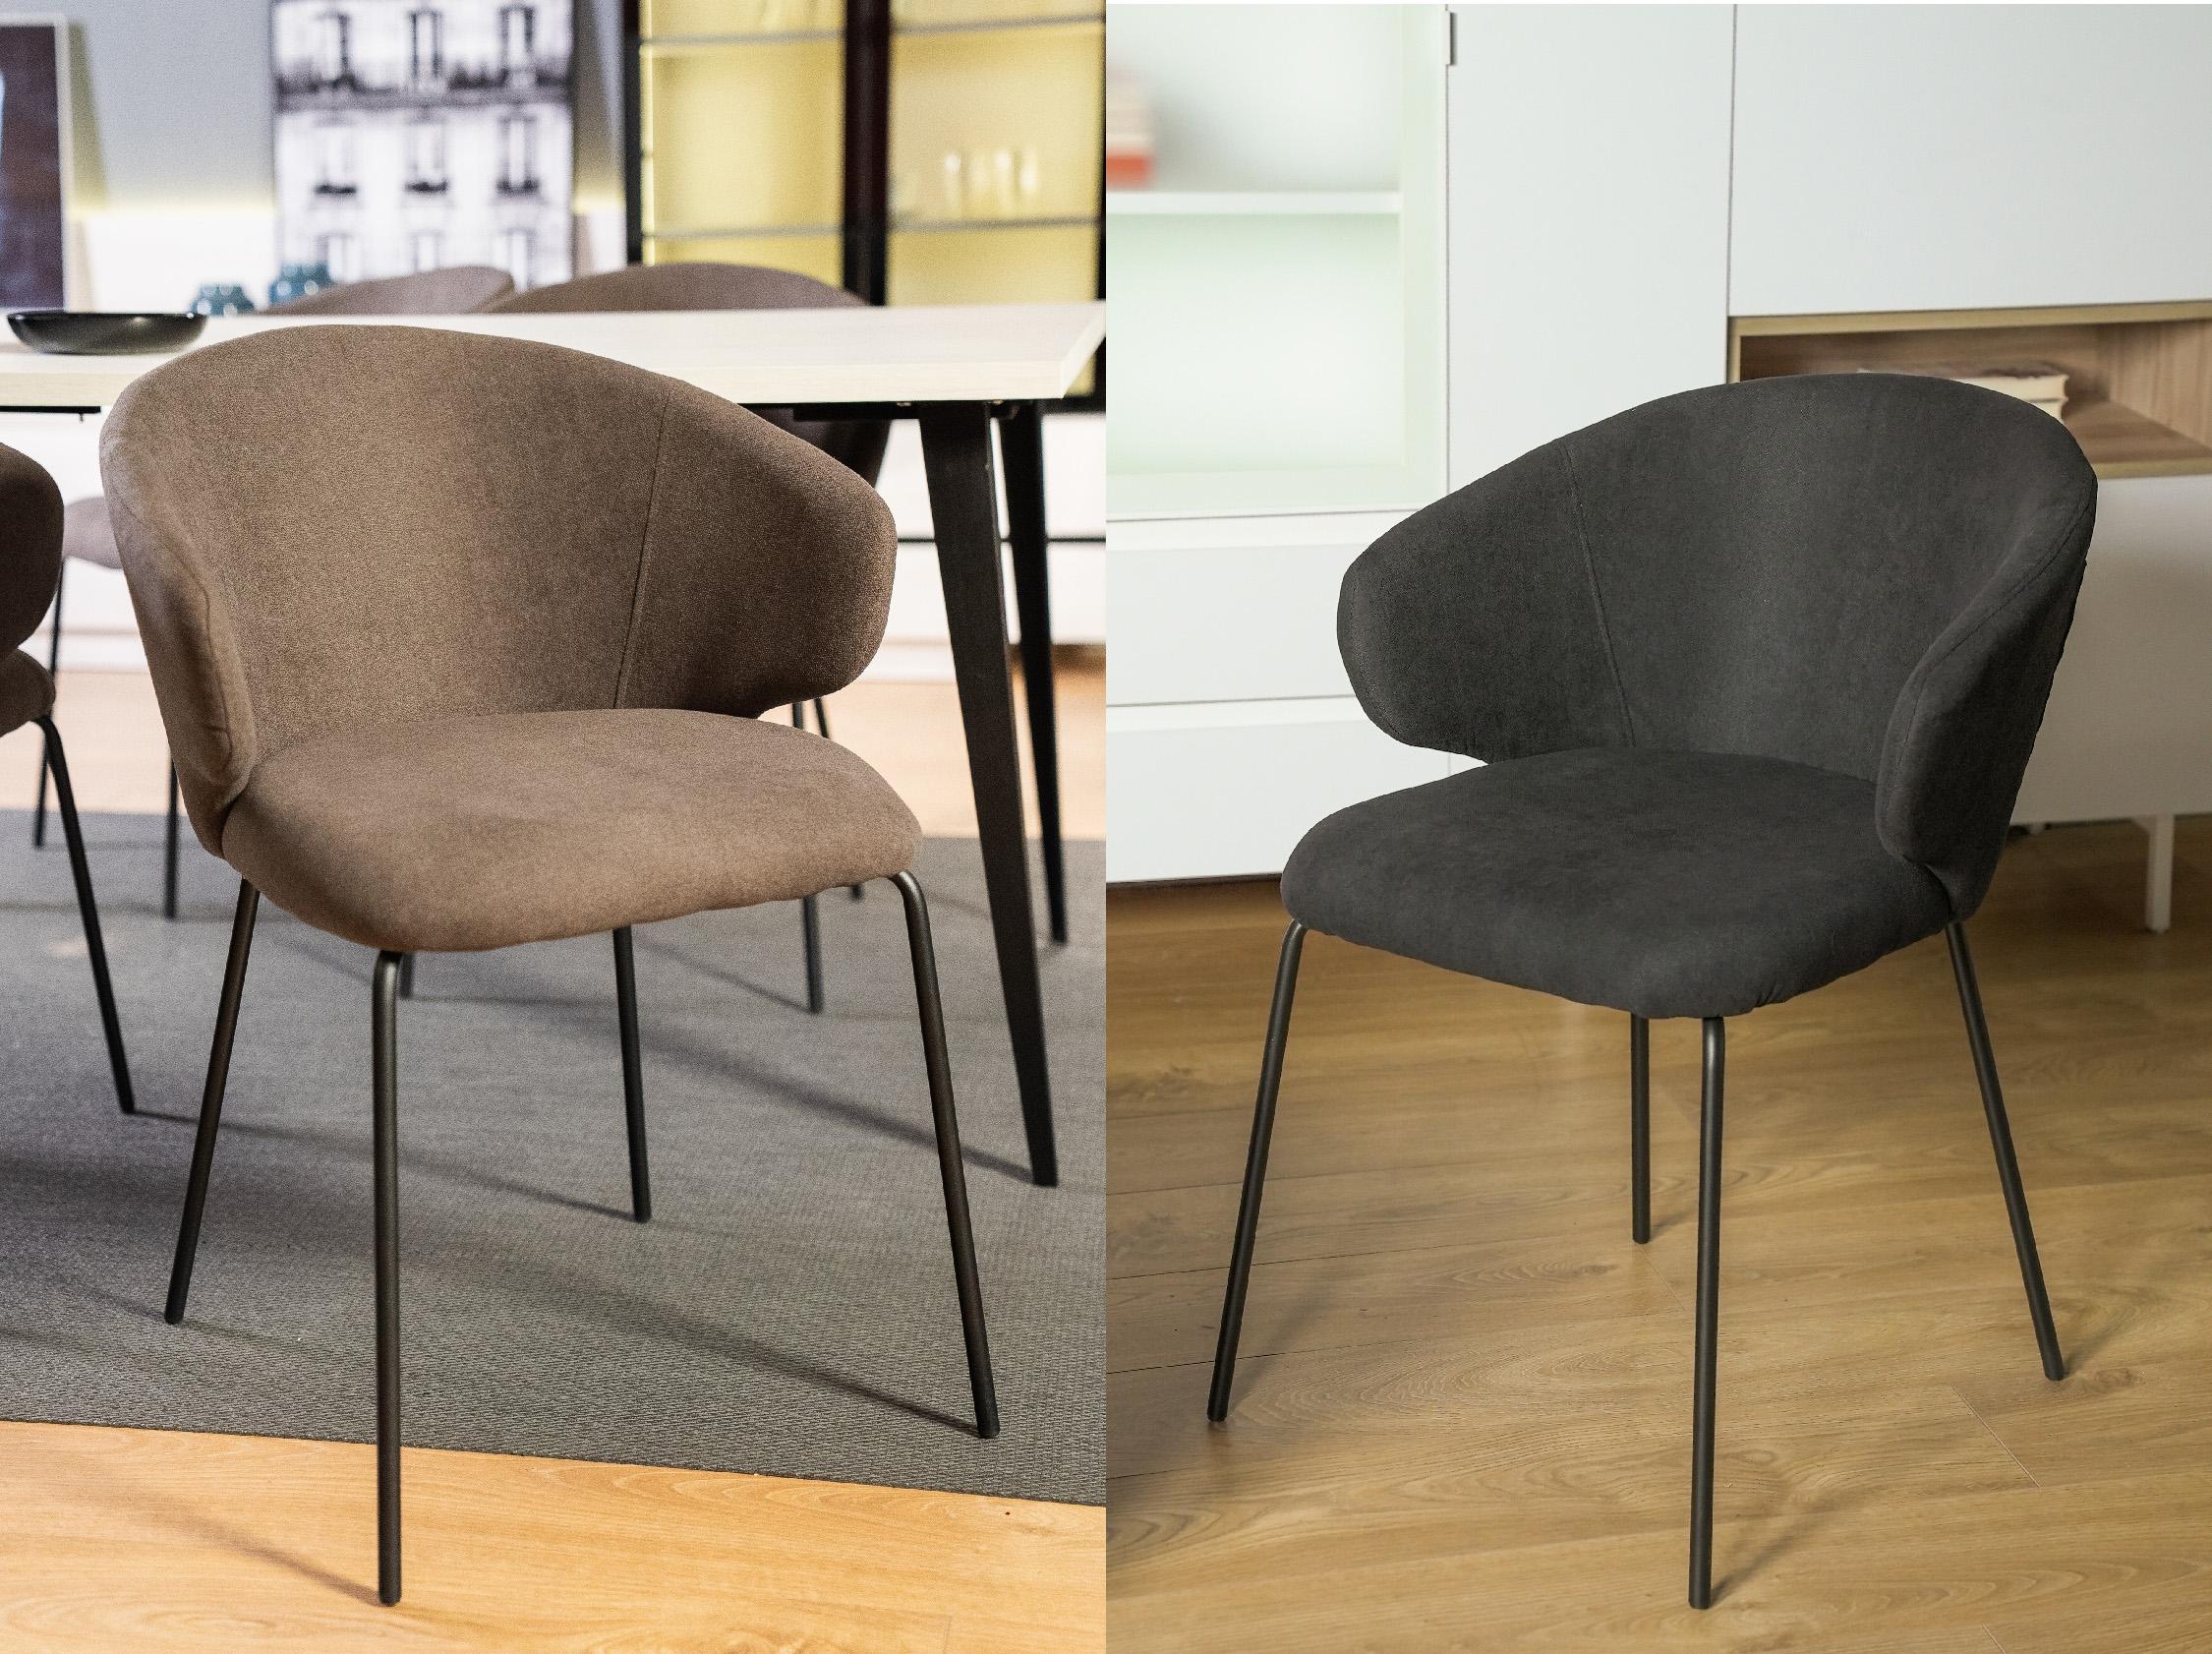 New arrivals: Nueva colección de sillas de diseño